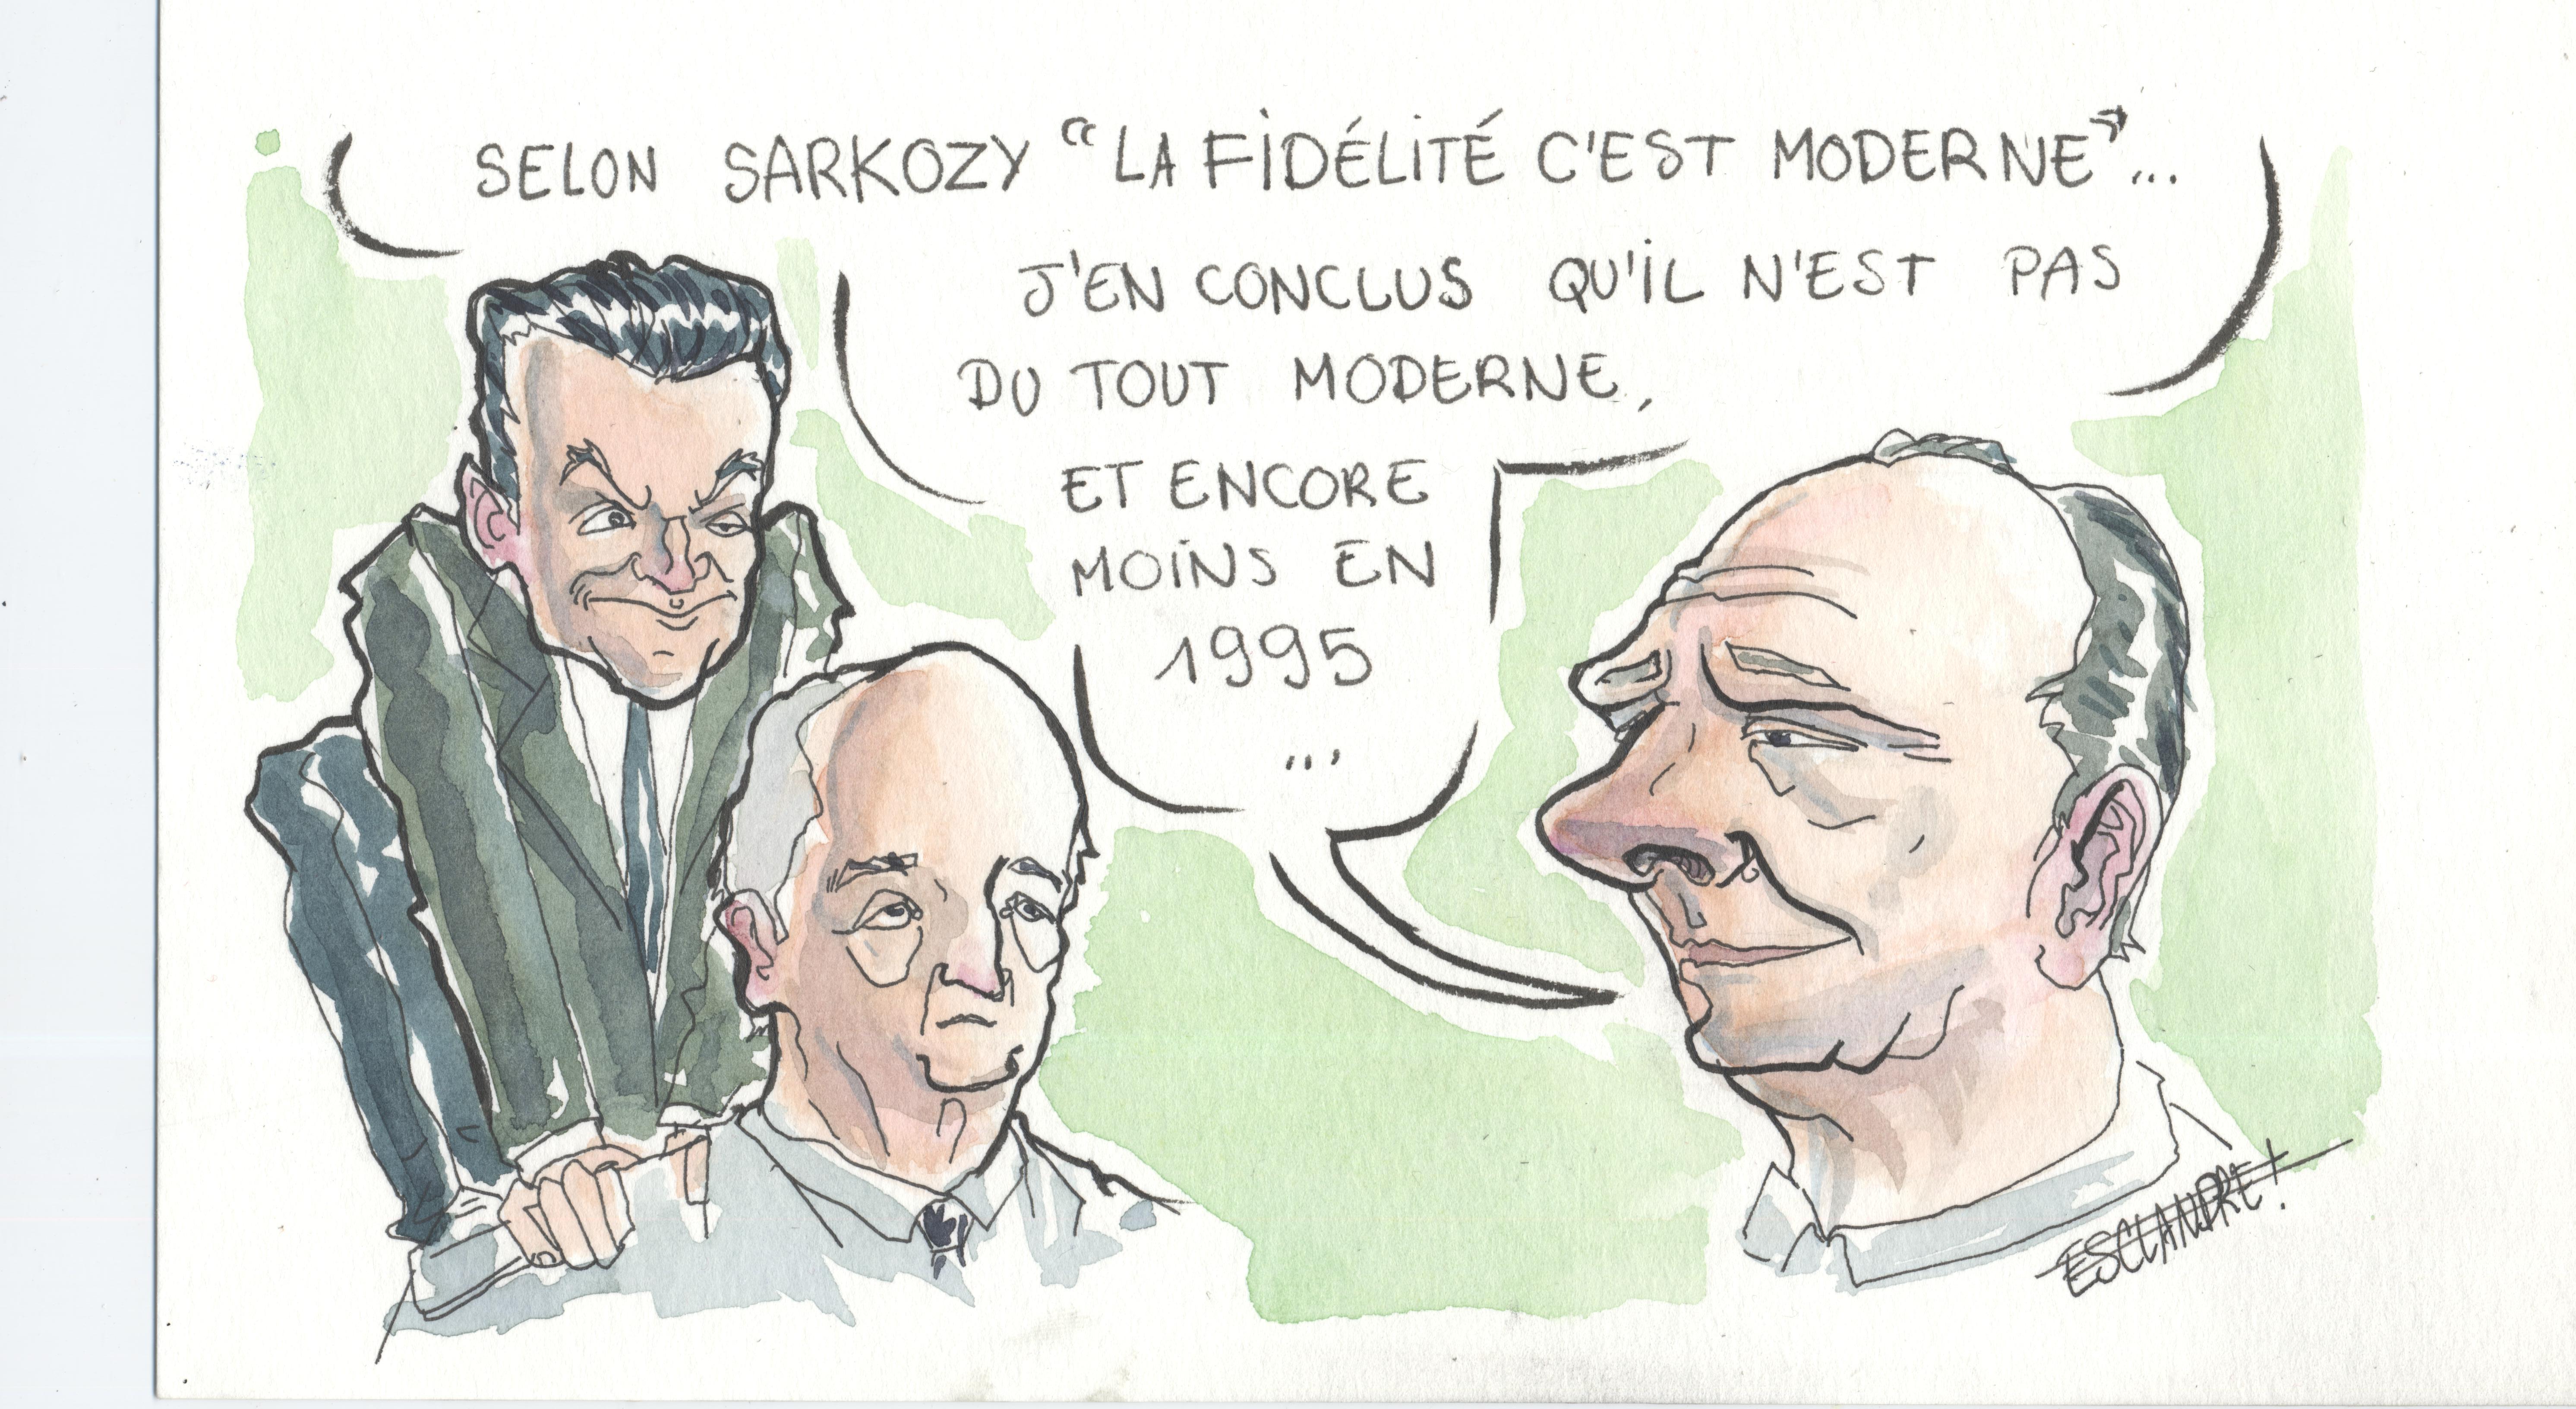 Sarkozy juge la «fidélité en politique» moderne